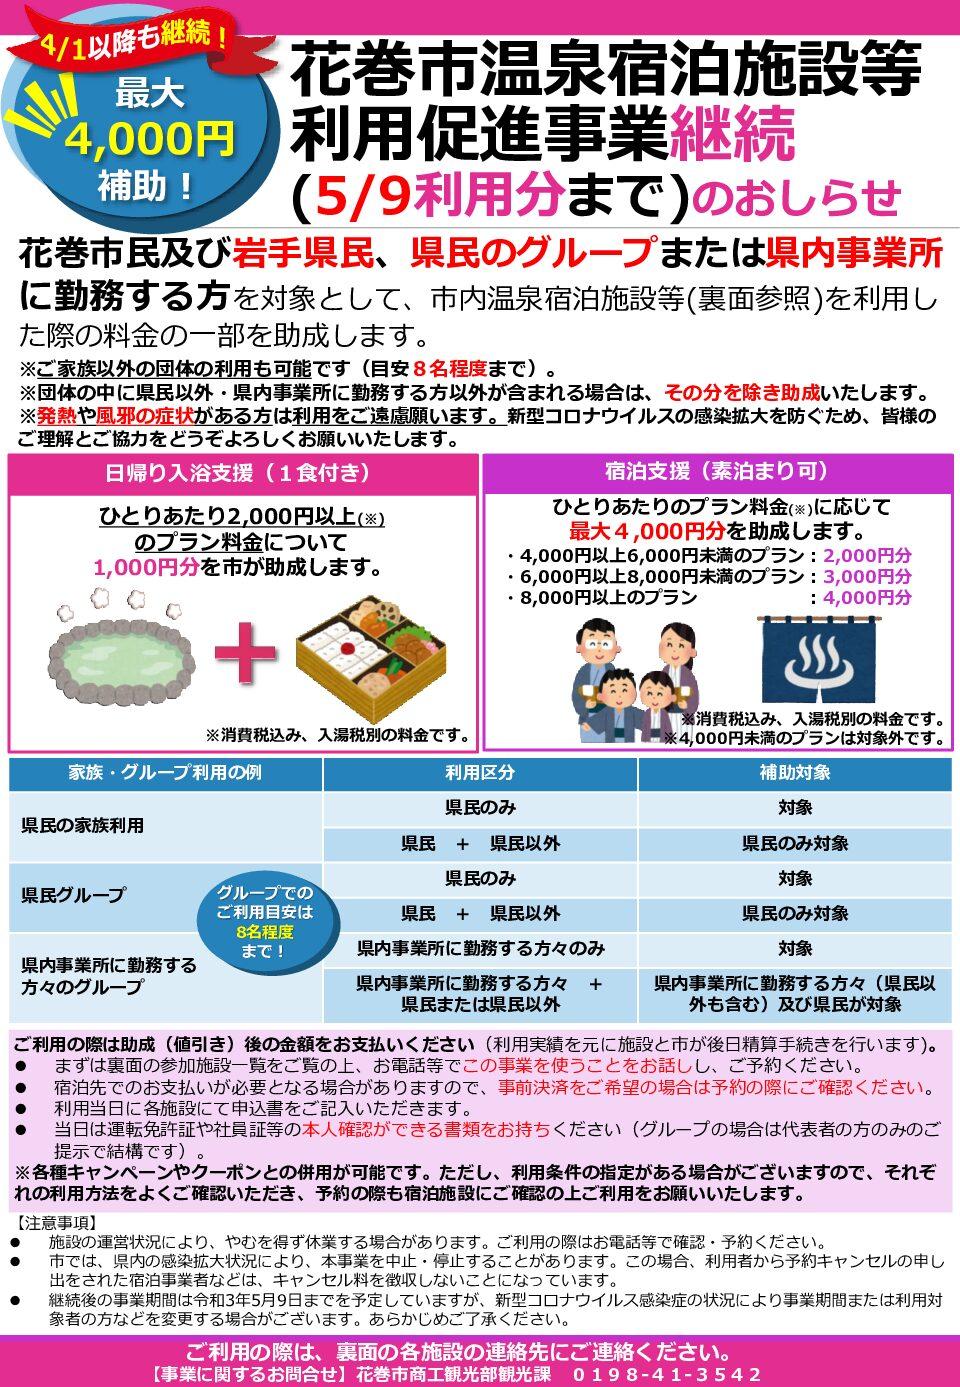 ☆花巻市助成金5/9まで延長☆